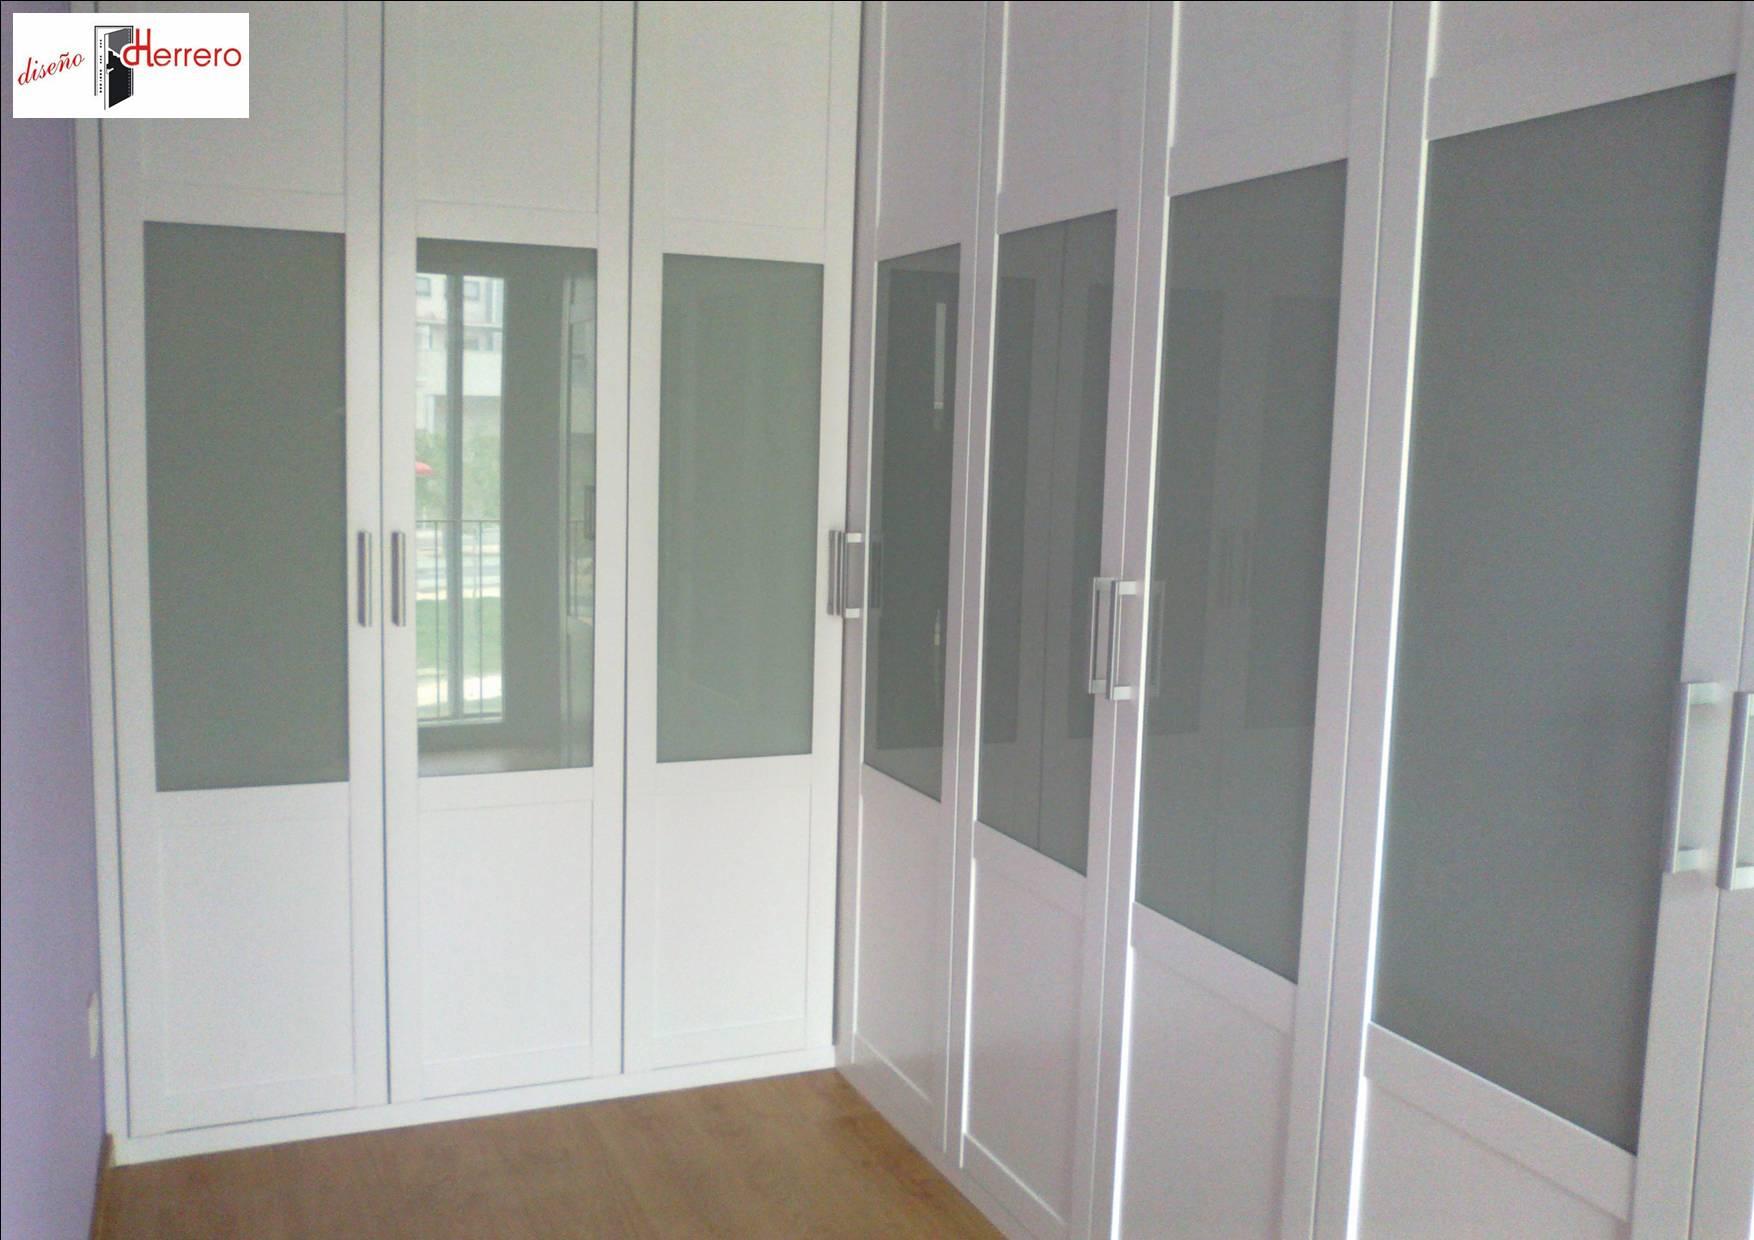 Mi casa decoracion vestir armario empotrado en ikea - Armario empotrado barato ...